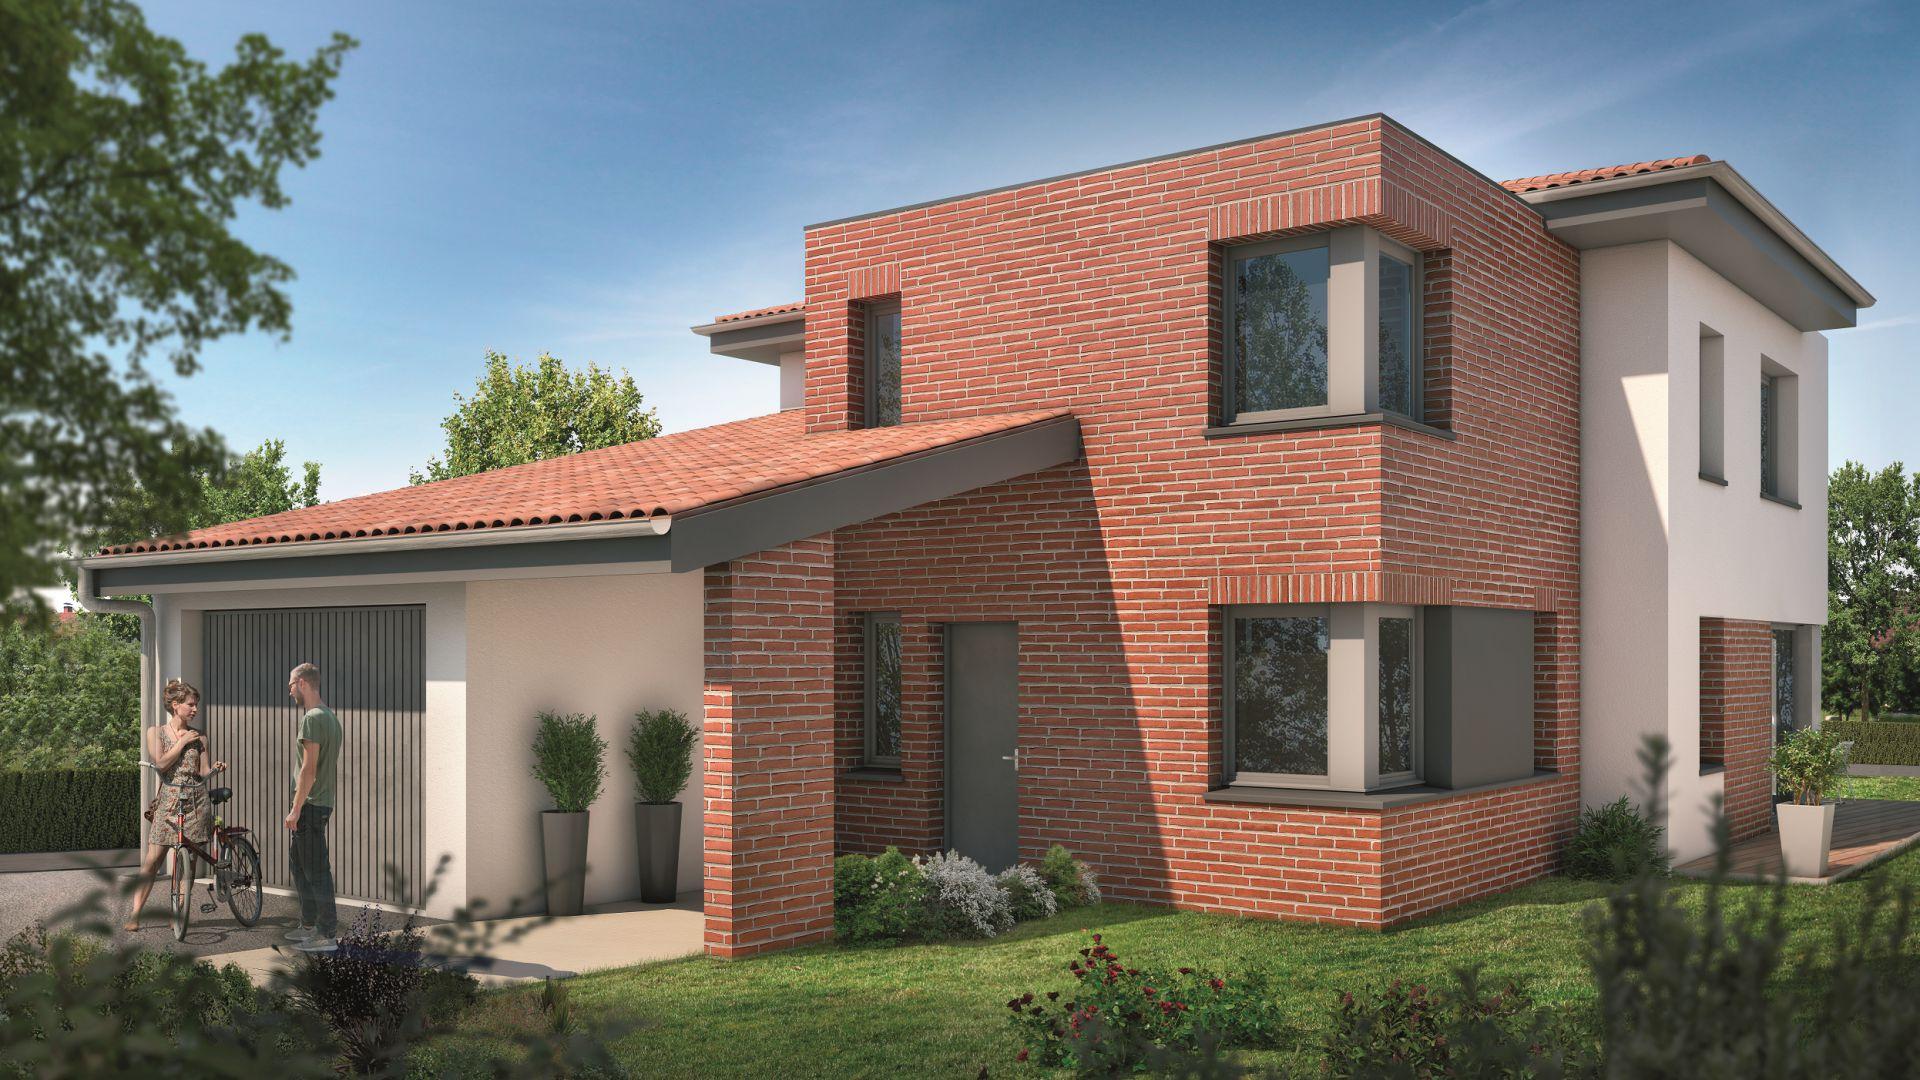 Greencity Immobilier - Villas Valéria - 31320 Auzeville - Villas 1 - neuves T6 - appartements neufs T2-T3